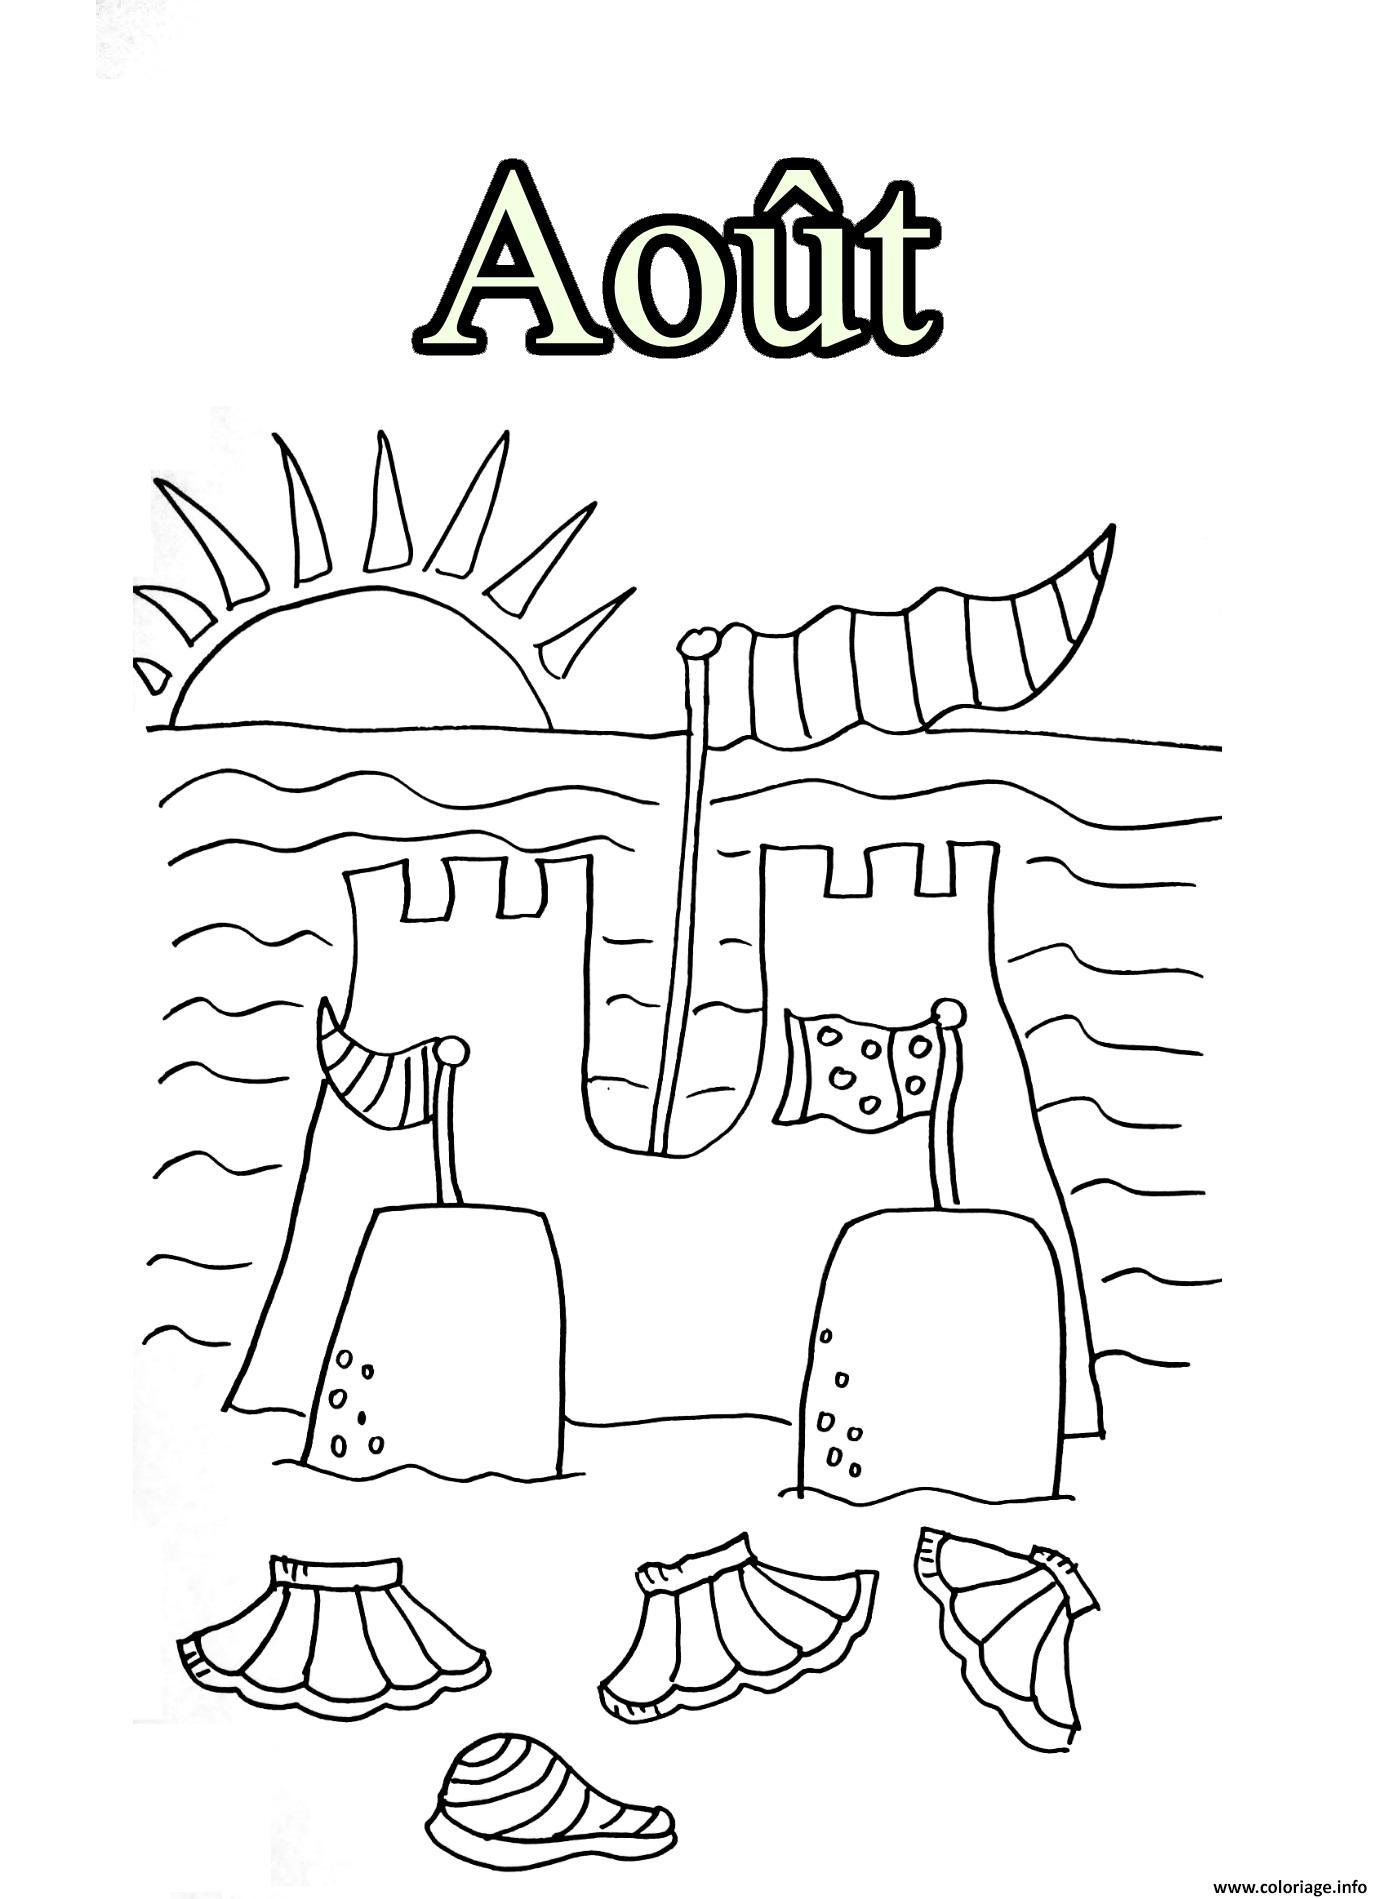 Coloriage aout vacance chateau de sable avec soleil ete - Dessin de soleil a imprimer ...